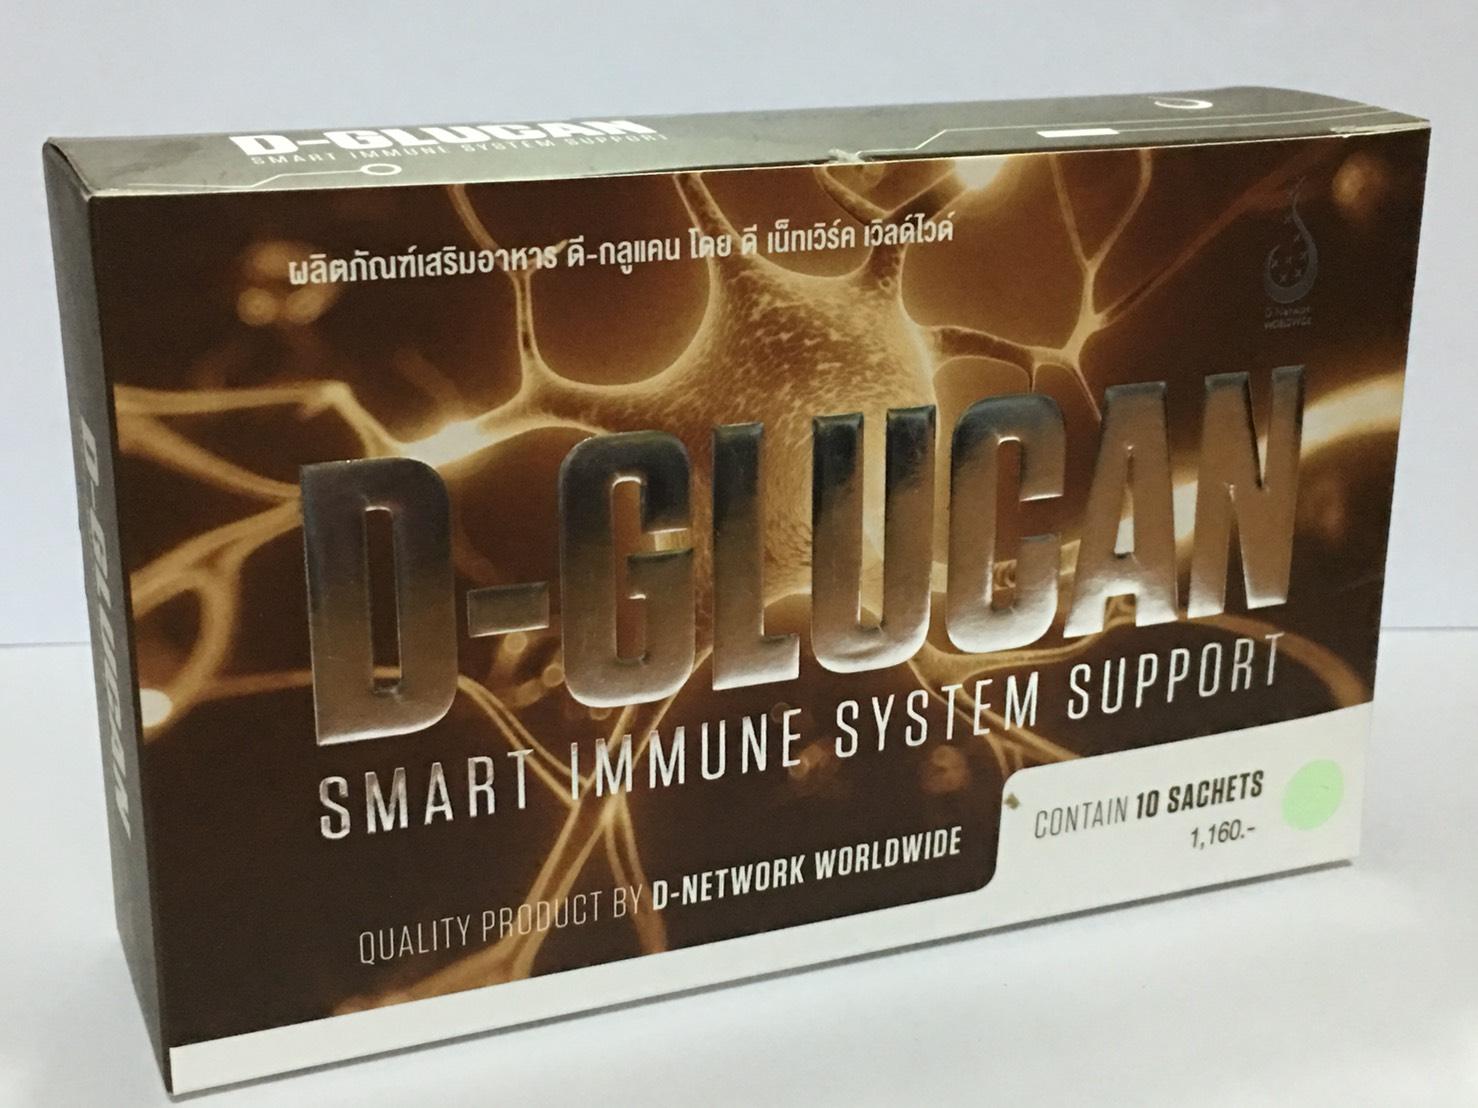 D-Glucan (ดี-กลูแคน) เสริมสร้างระบบภูมิต้านทานของร่างกาย